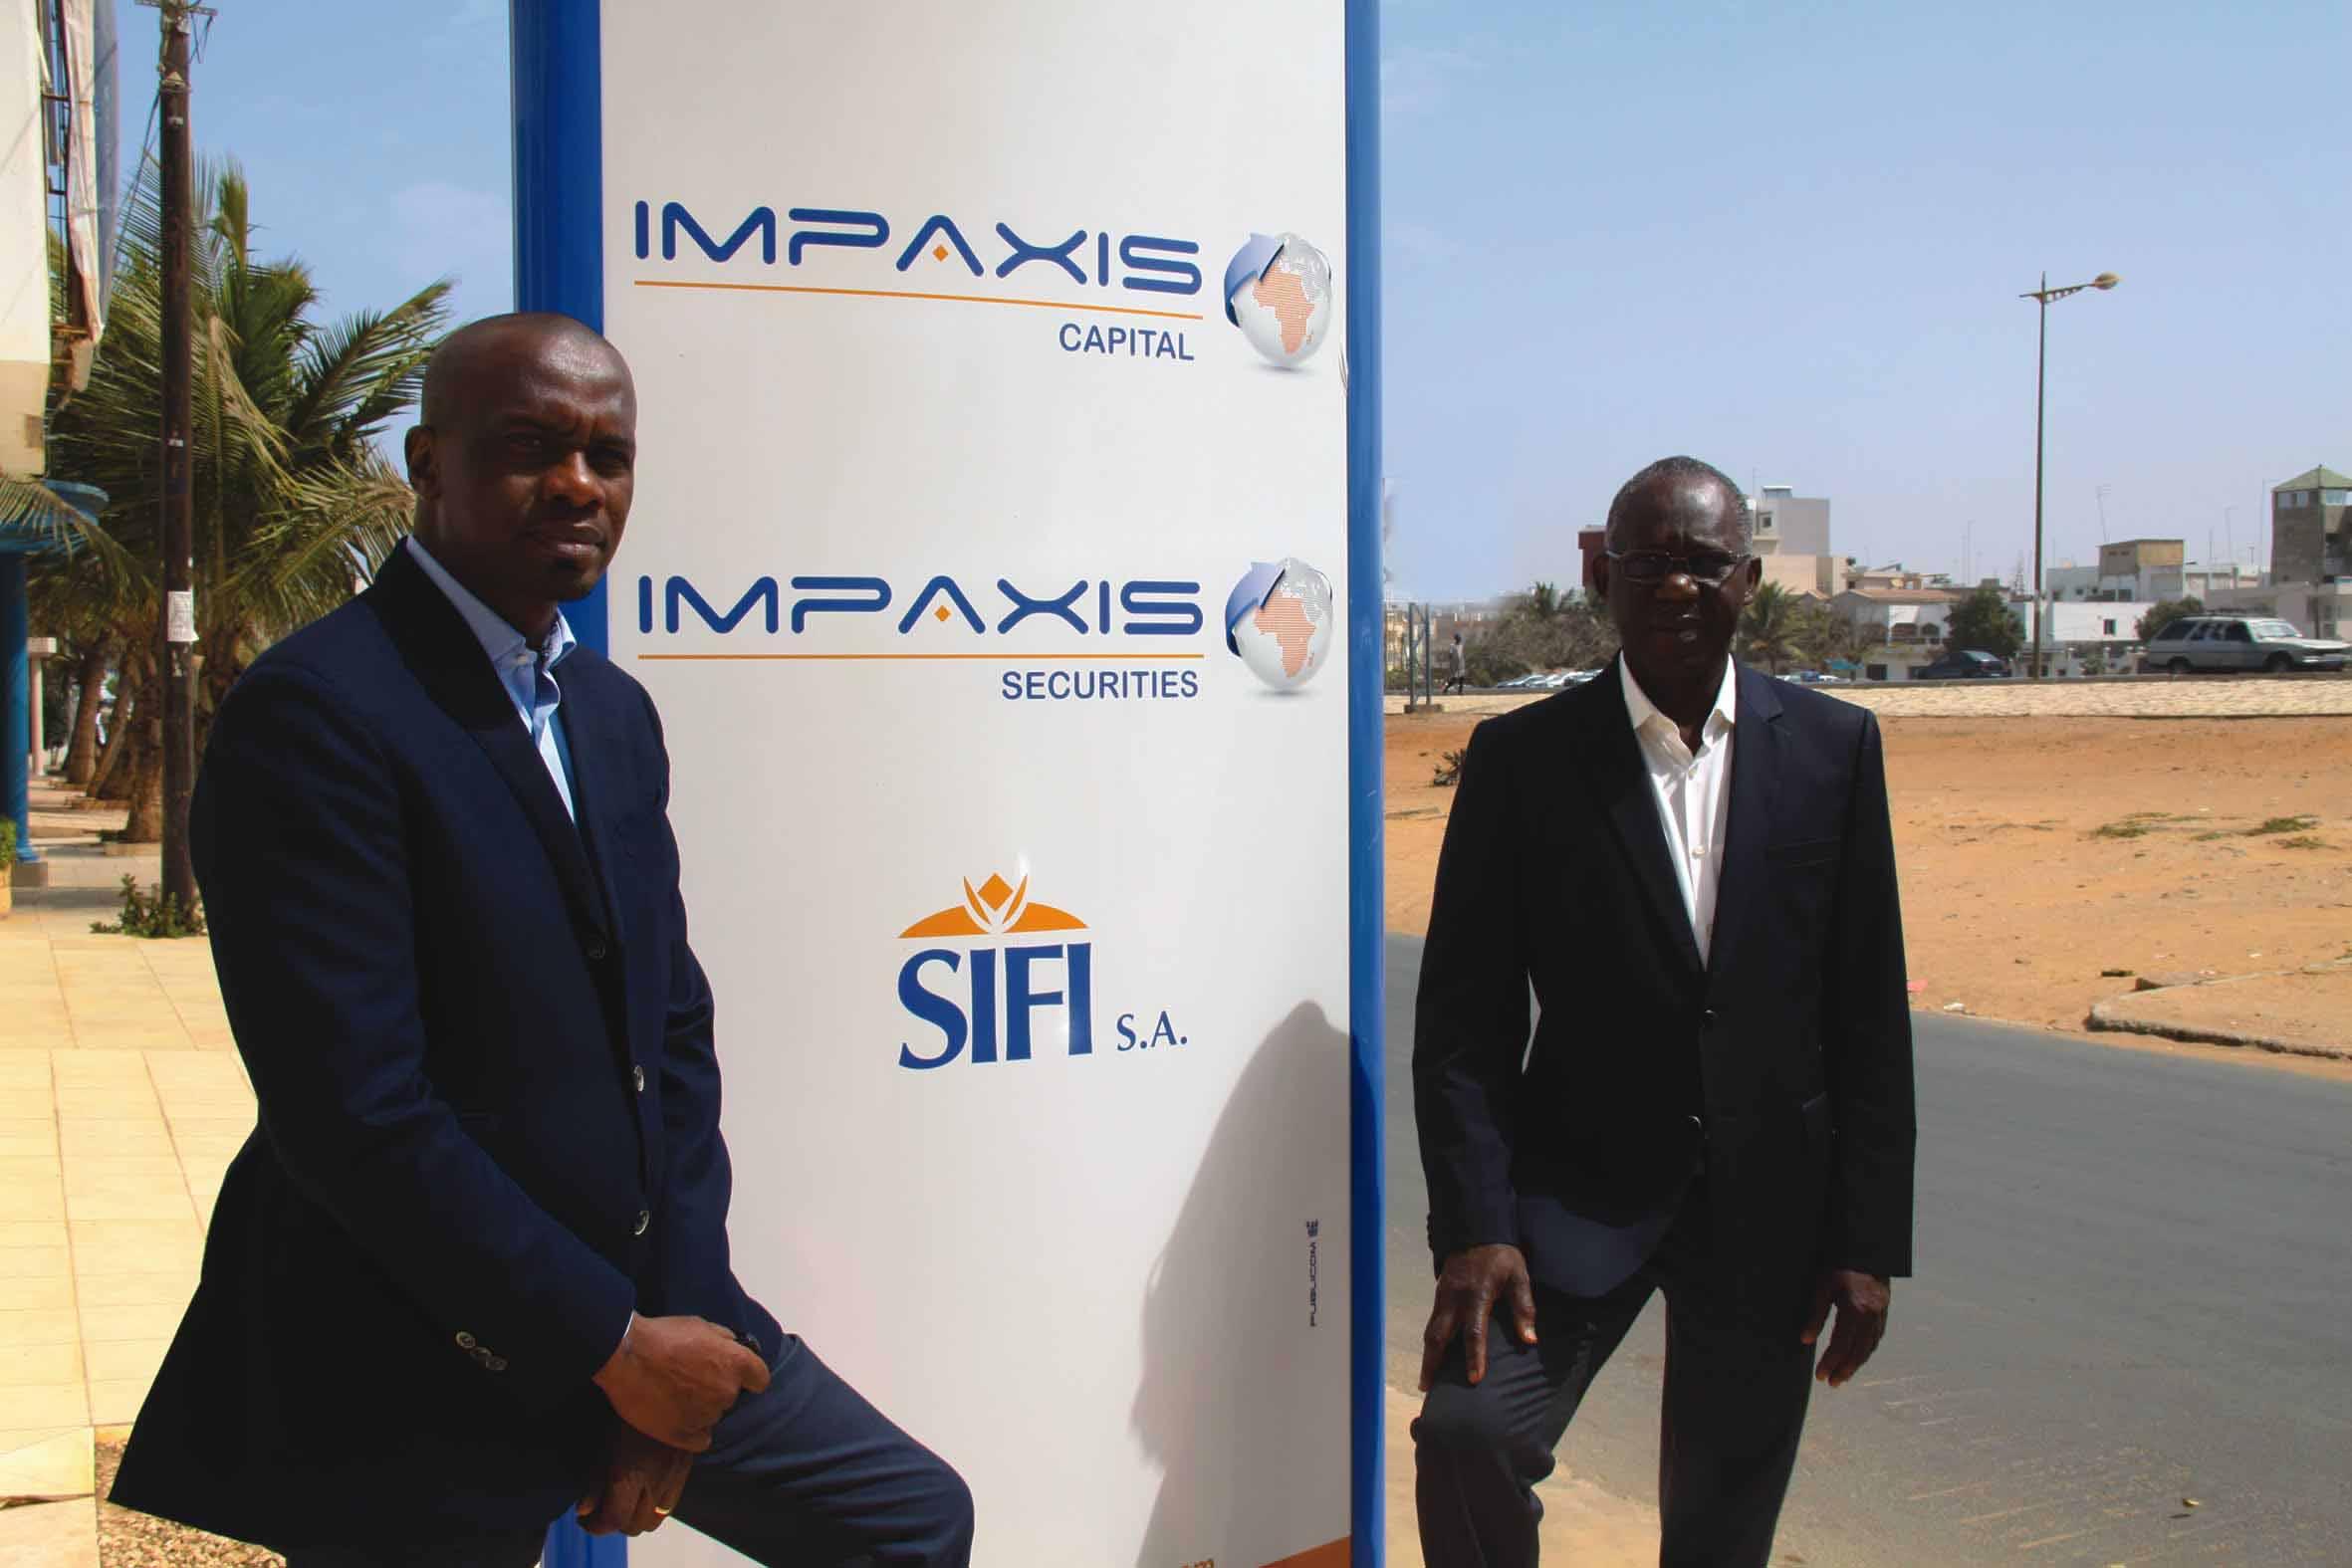 GROUPE IMPAXIS: La Banque d'affaires se diversifie